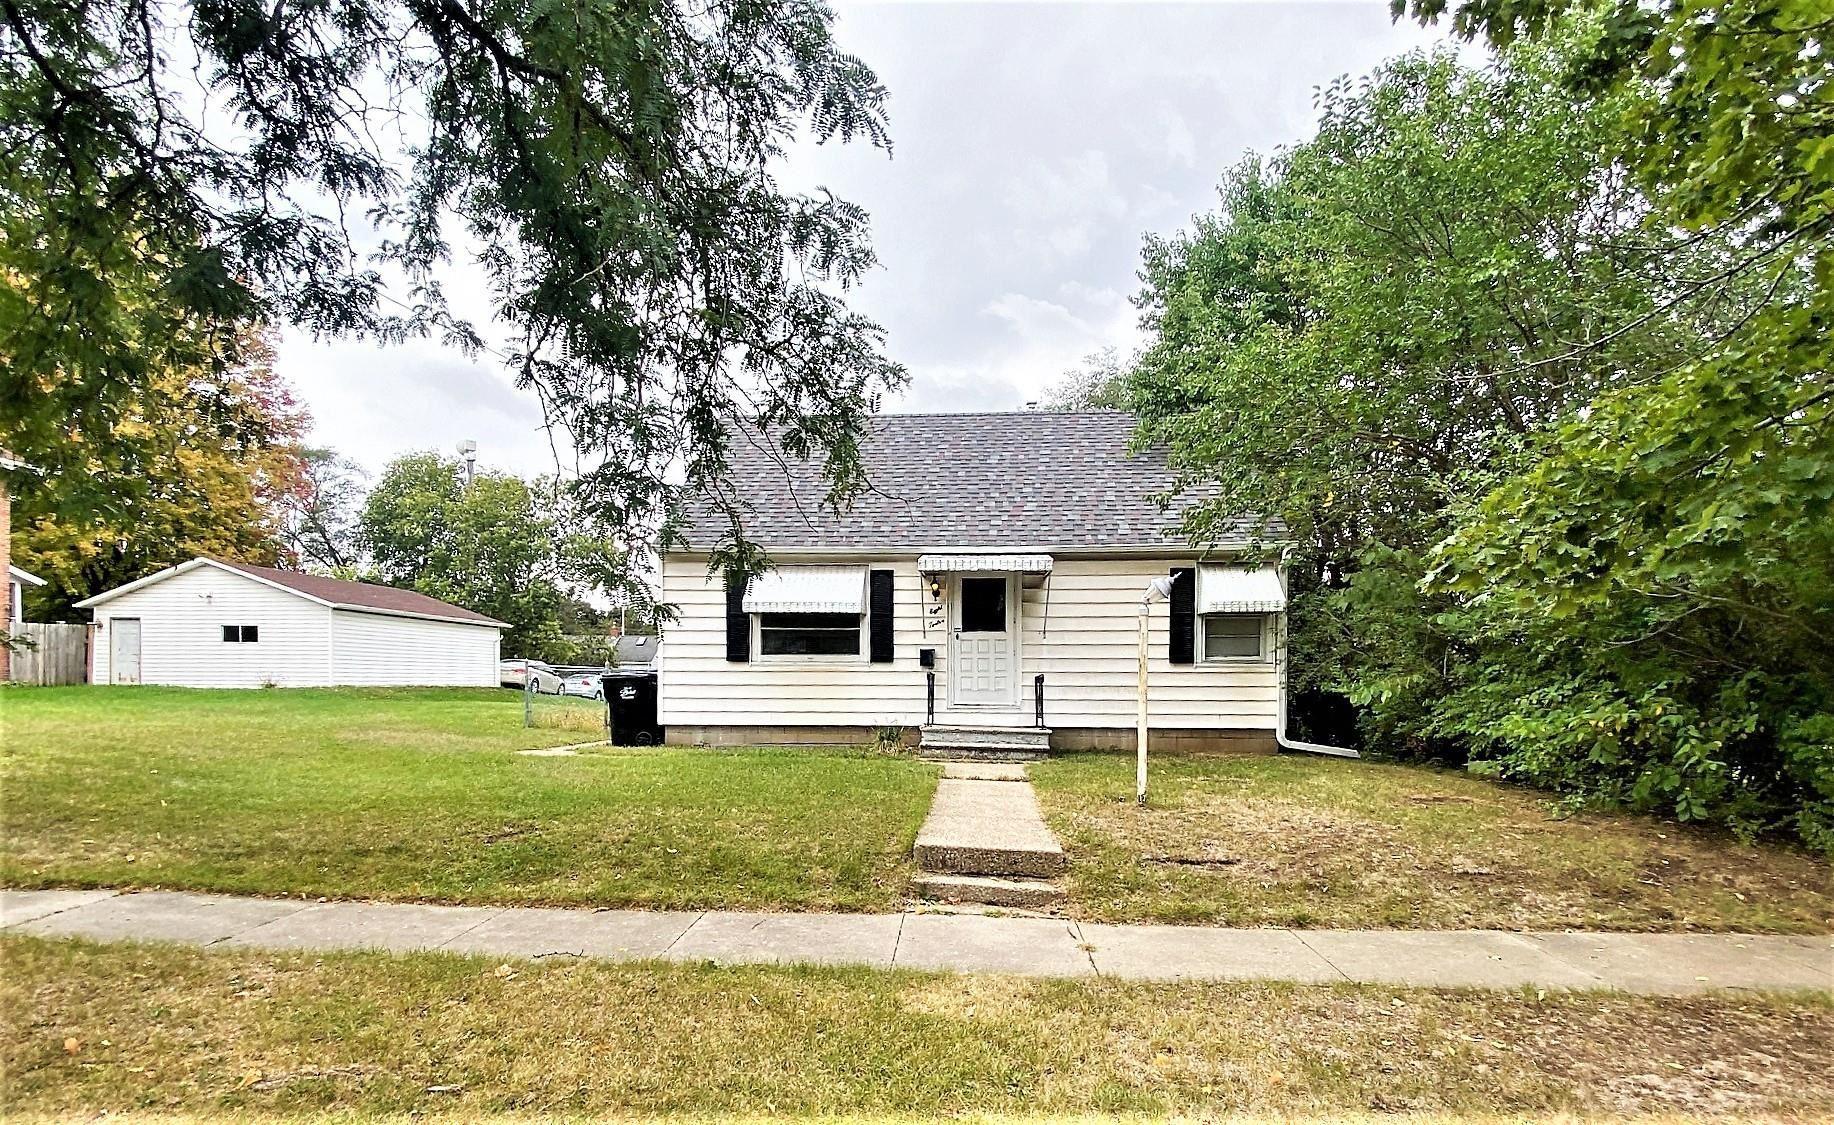 812 McKINLEY AVE, Beloit, WI 53511 - #: 1920567